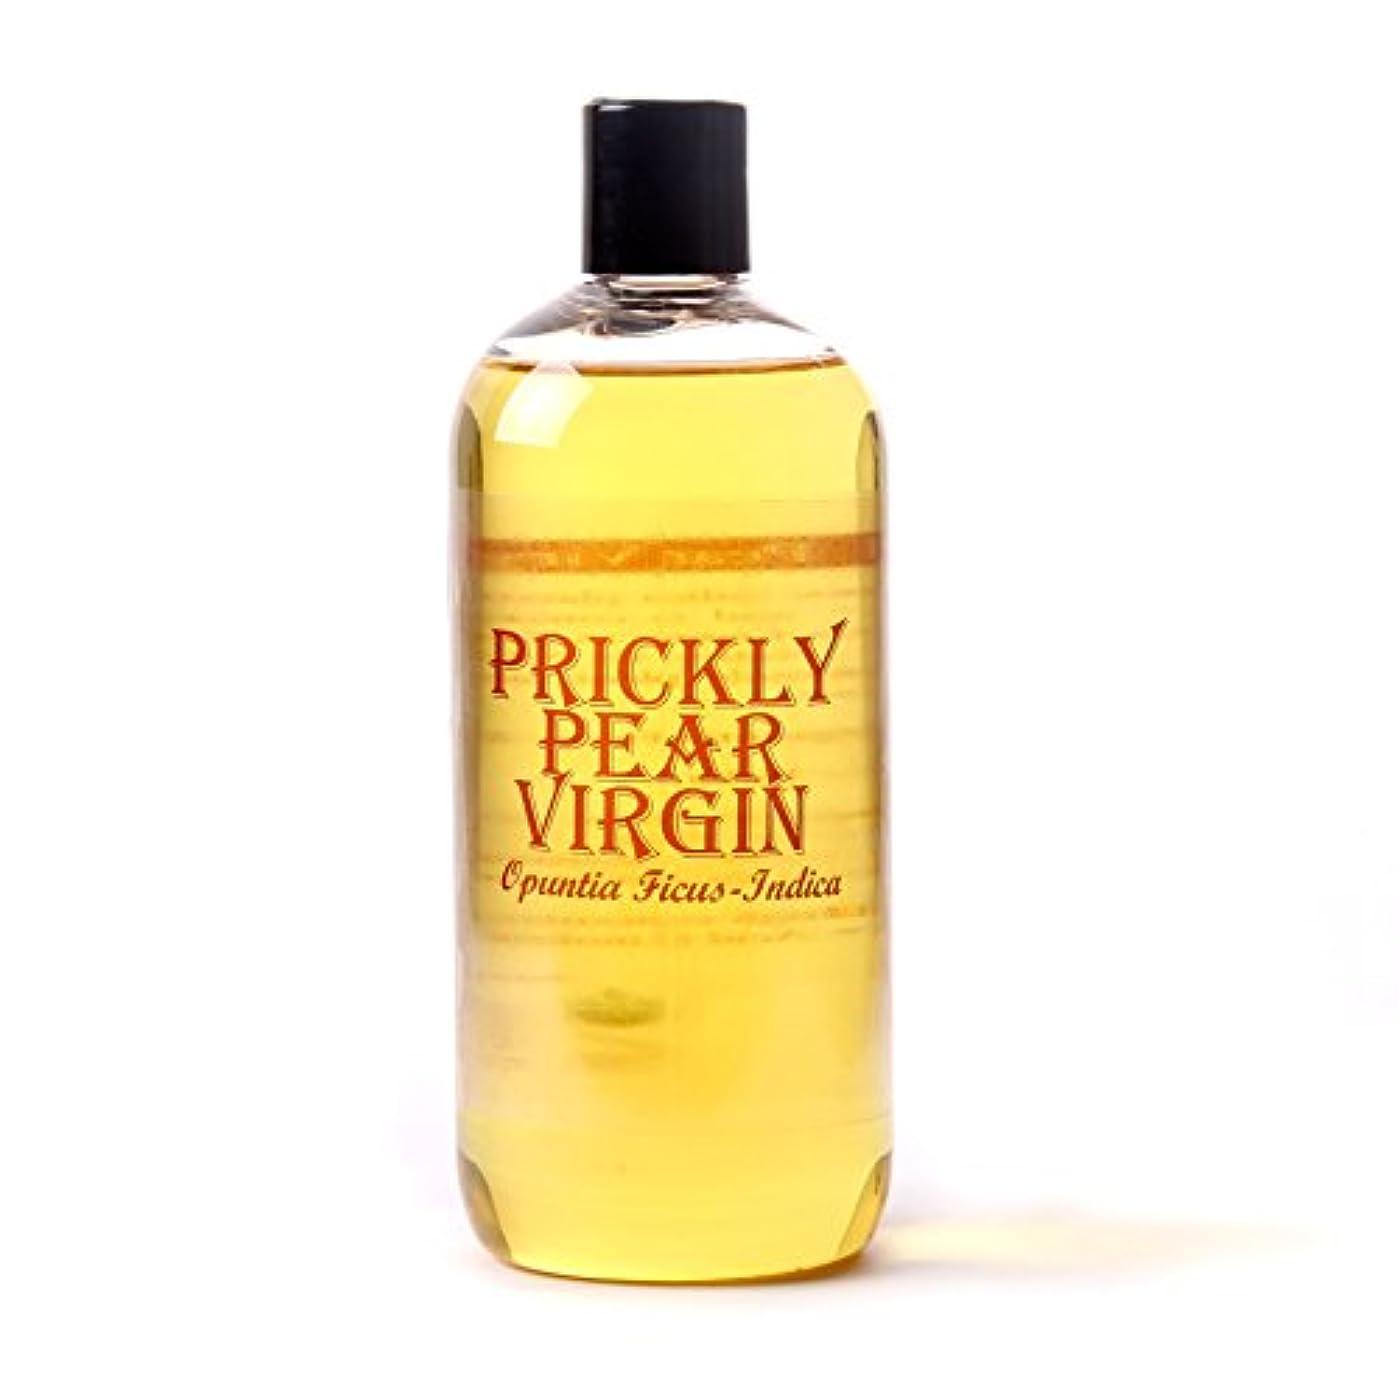 傾向がありますずんぐりした無秩序Prickly Pear Virgin Carrier Oil - 100% Pure - 500ml